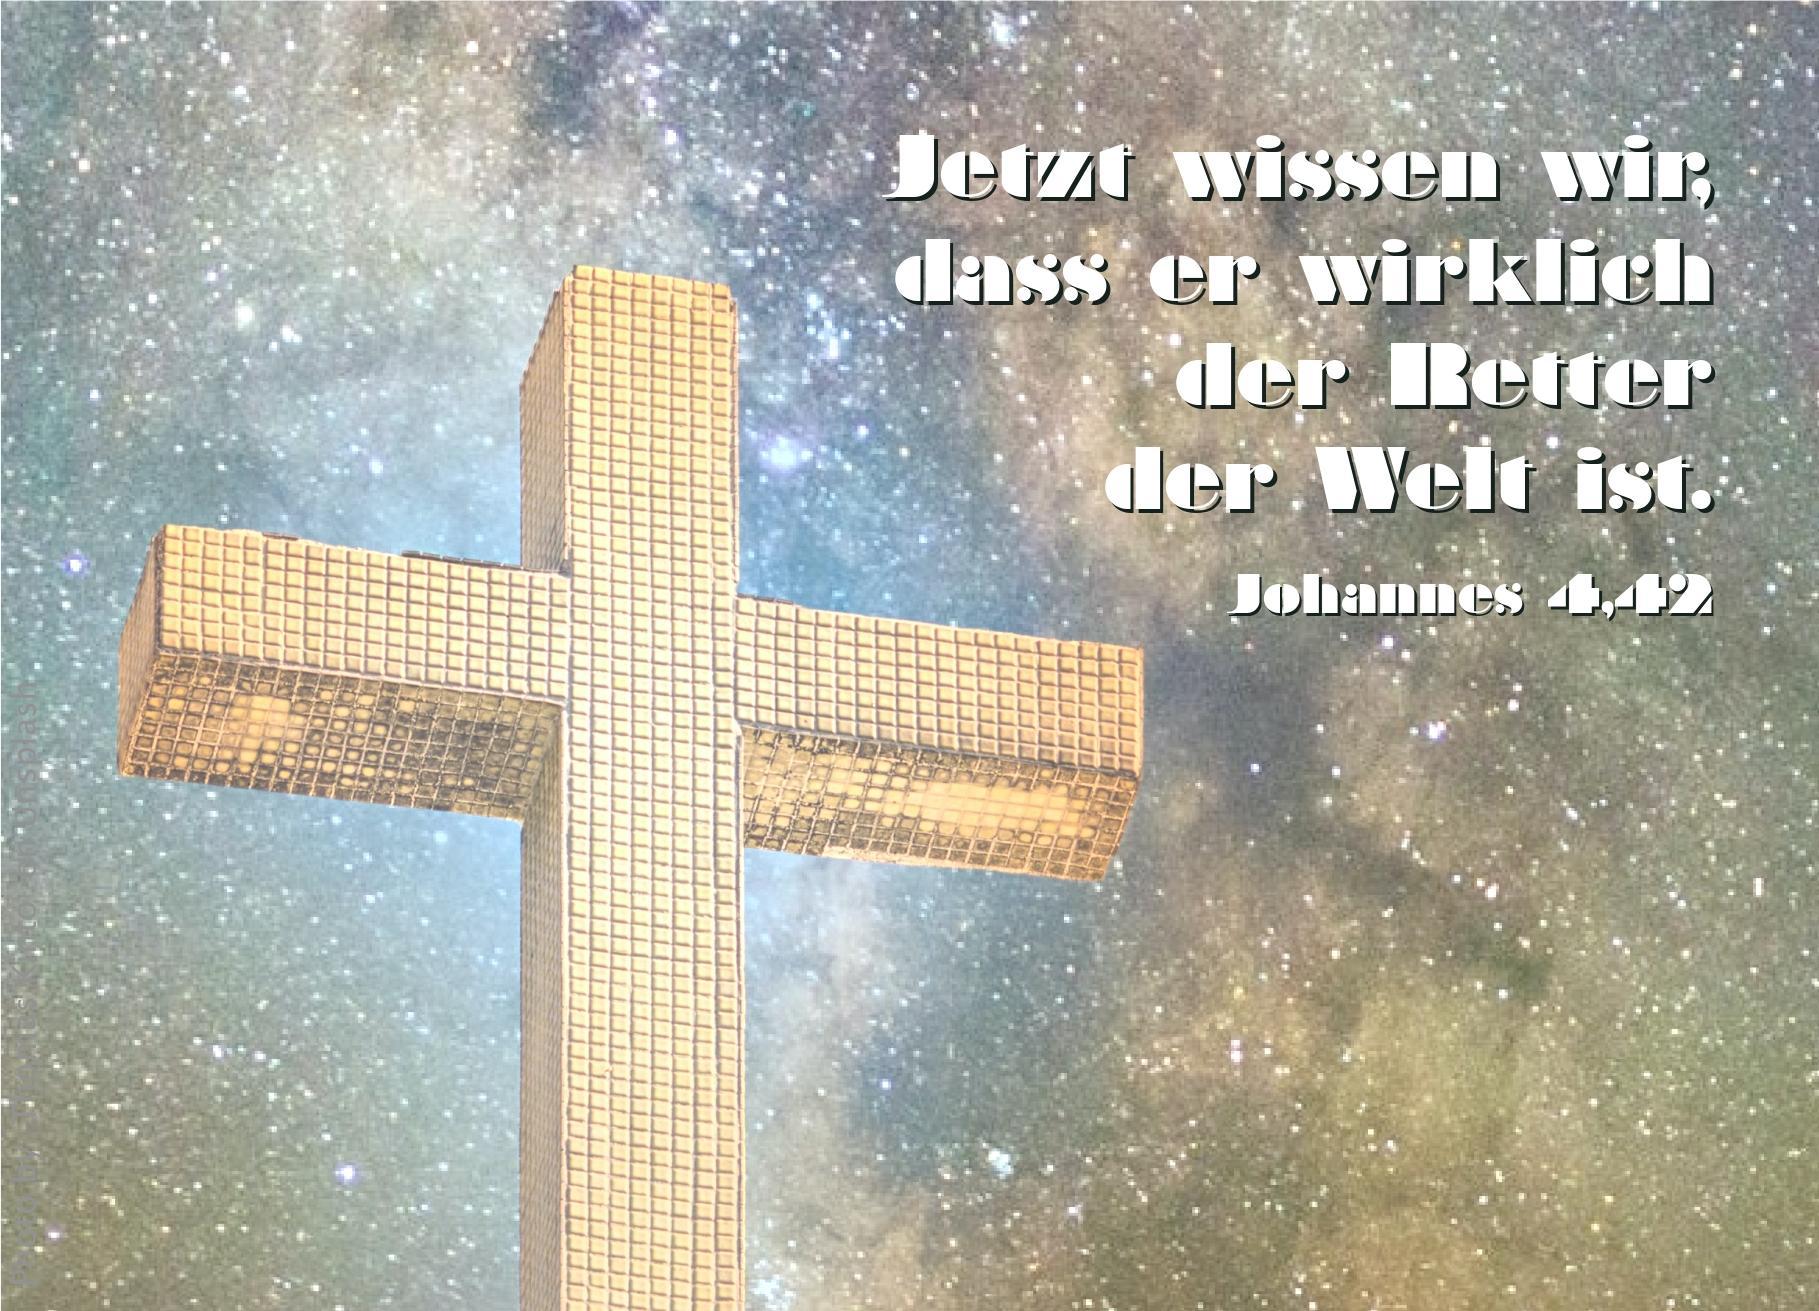 """alt""""goldenes_kreuz_vor_sternenhimmel_erwartet_bibelhoerbuch_Melchisedek_und_Gottes_bund_mit_Abram"""""""